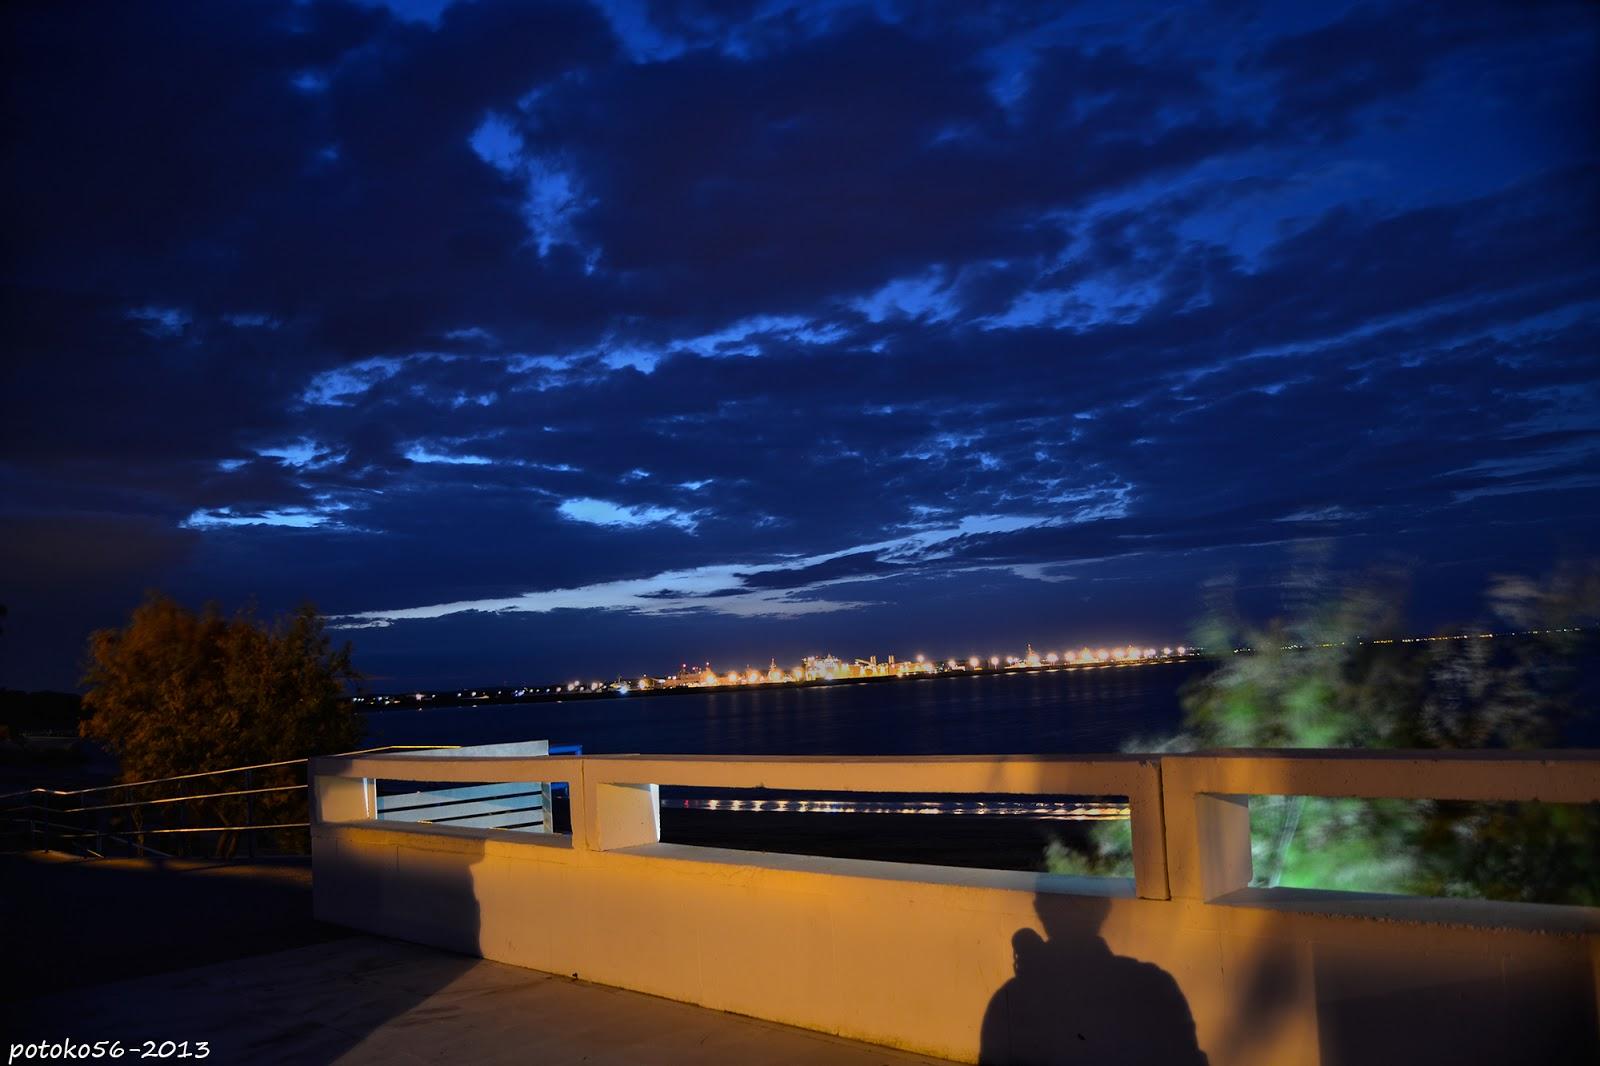 sombras en la noche del fotografo